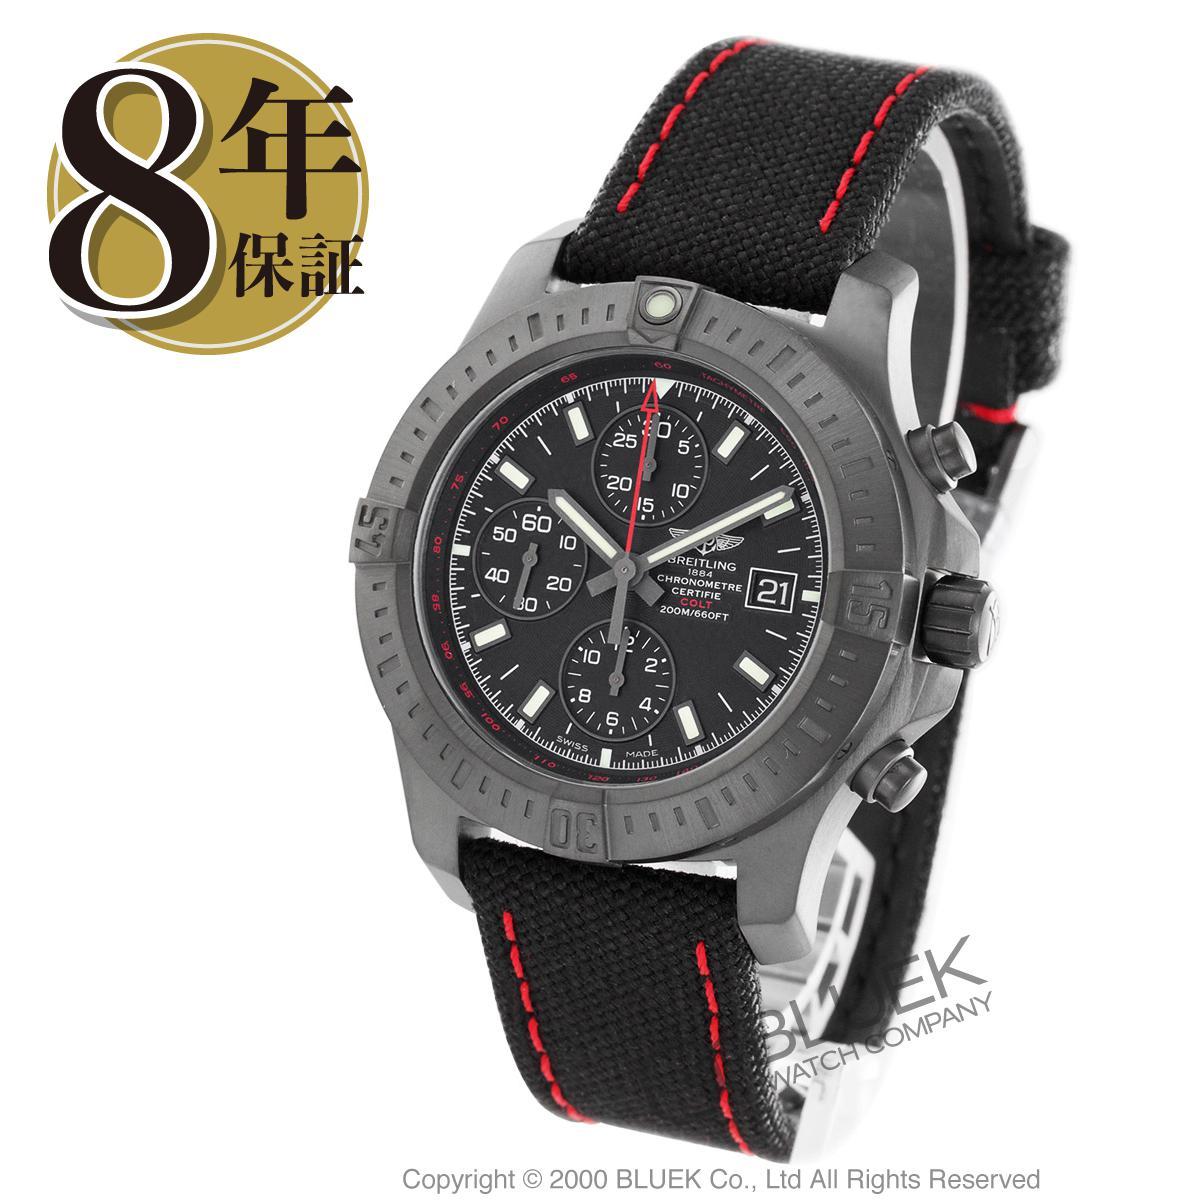 ブライトリング コルト クロノグラフ アメリカ限定400本 腕時計 メンズ BREITLING M133881A/BE99_8